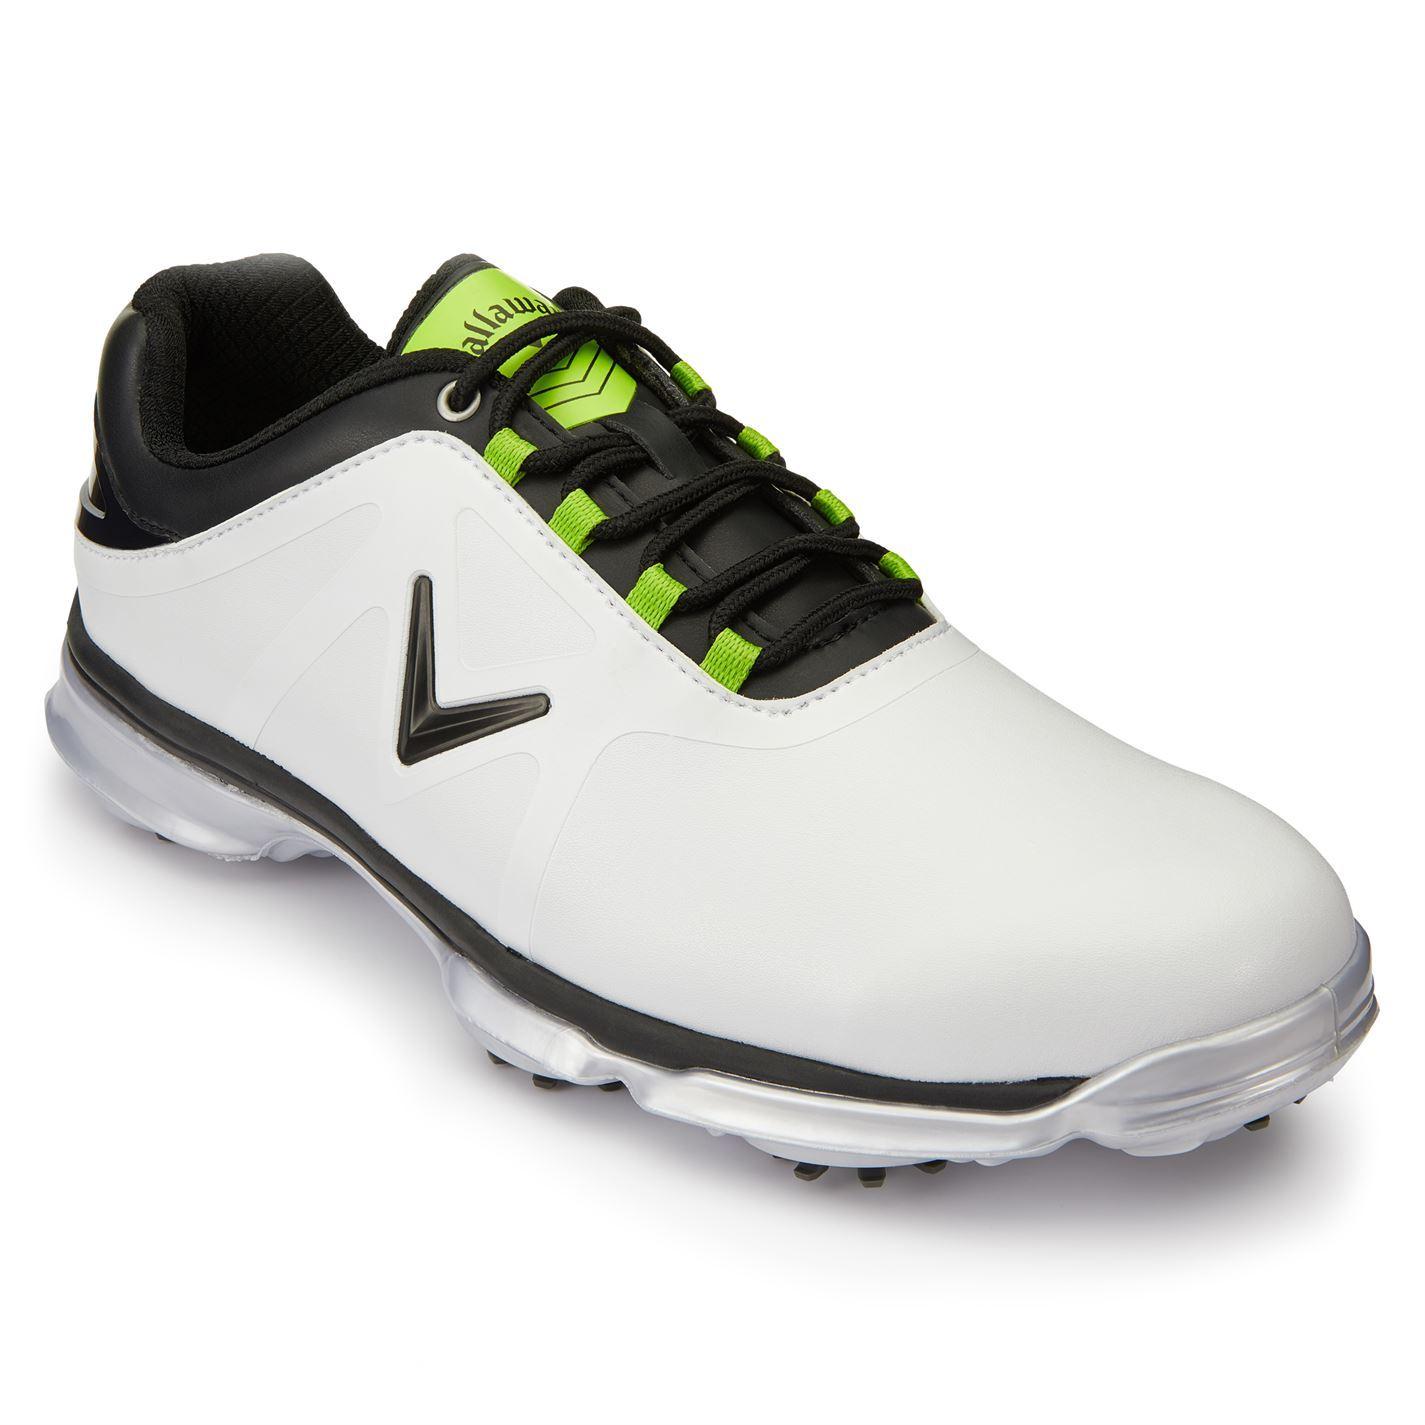 Callaway-XTT-Comfort-Spiked-Golf-Shoes-Mens-Spikes-Footwear thumbnail 16